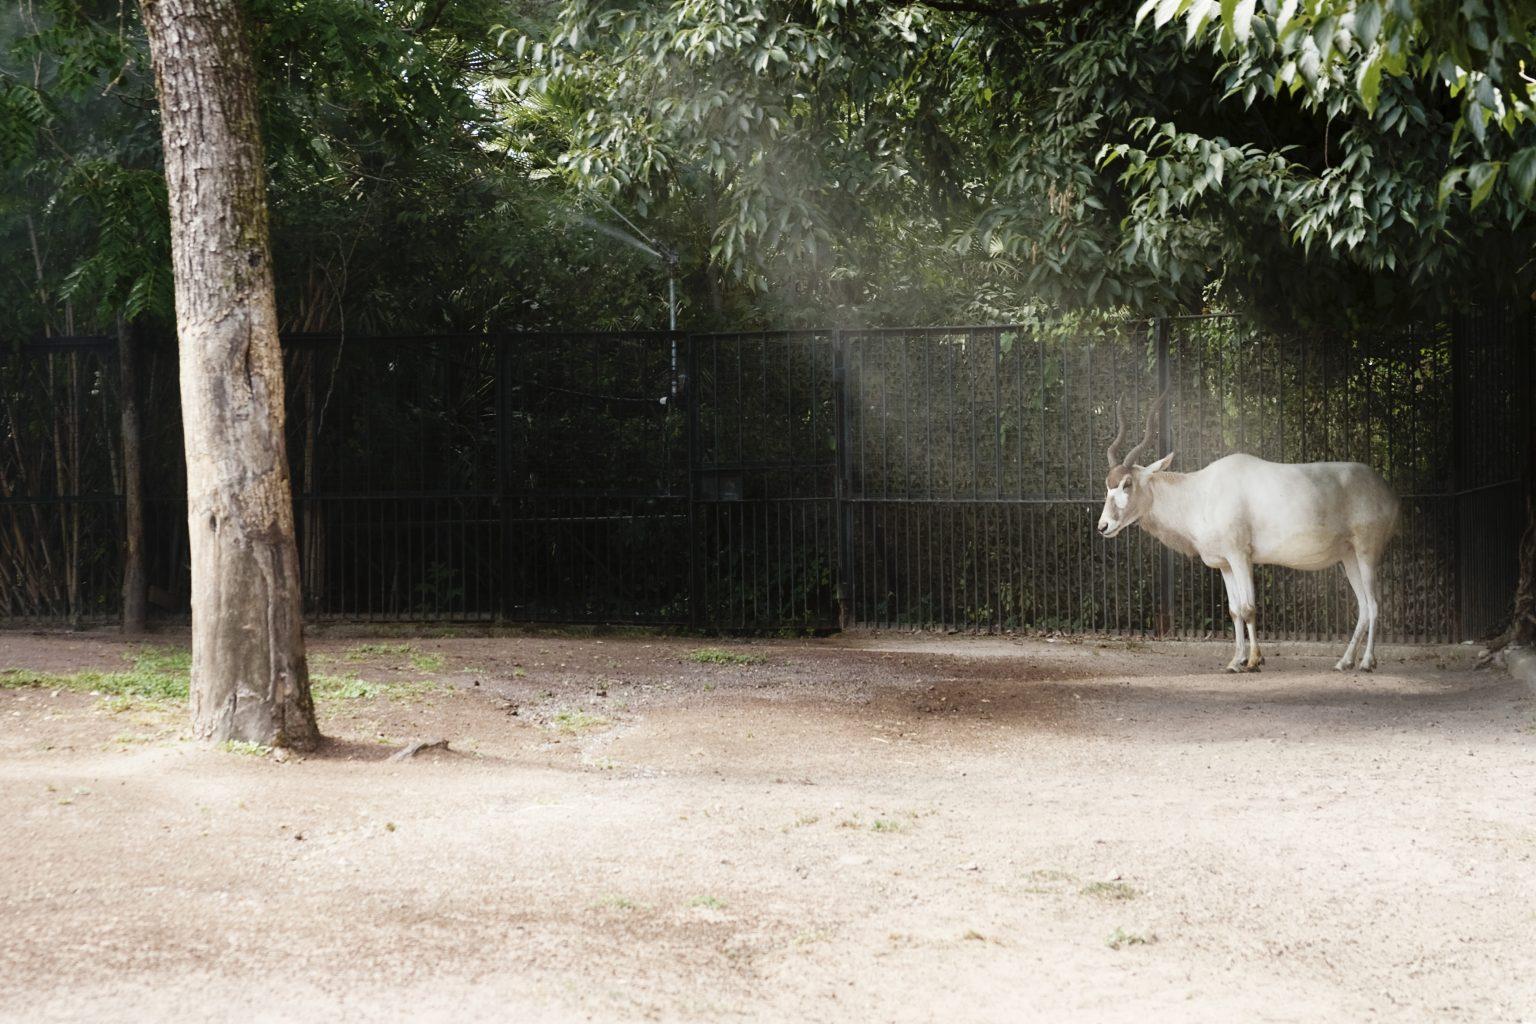 Rome, June 2011 - Bioparco, zoological garden, addax. >< Roma, giugno 2011 - Bioparco, giardino zoologico, addax.